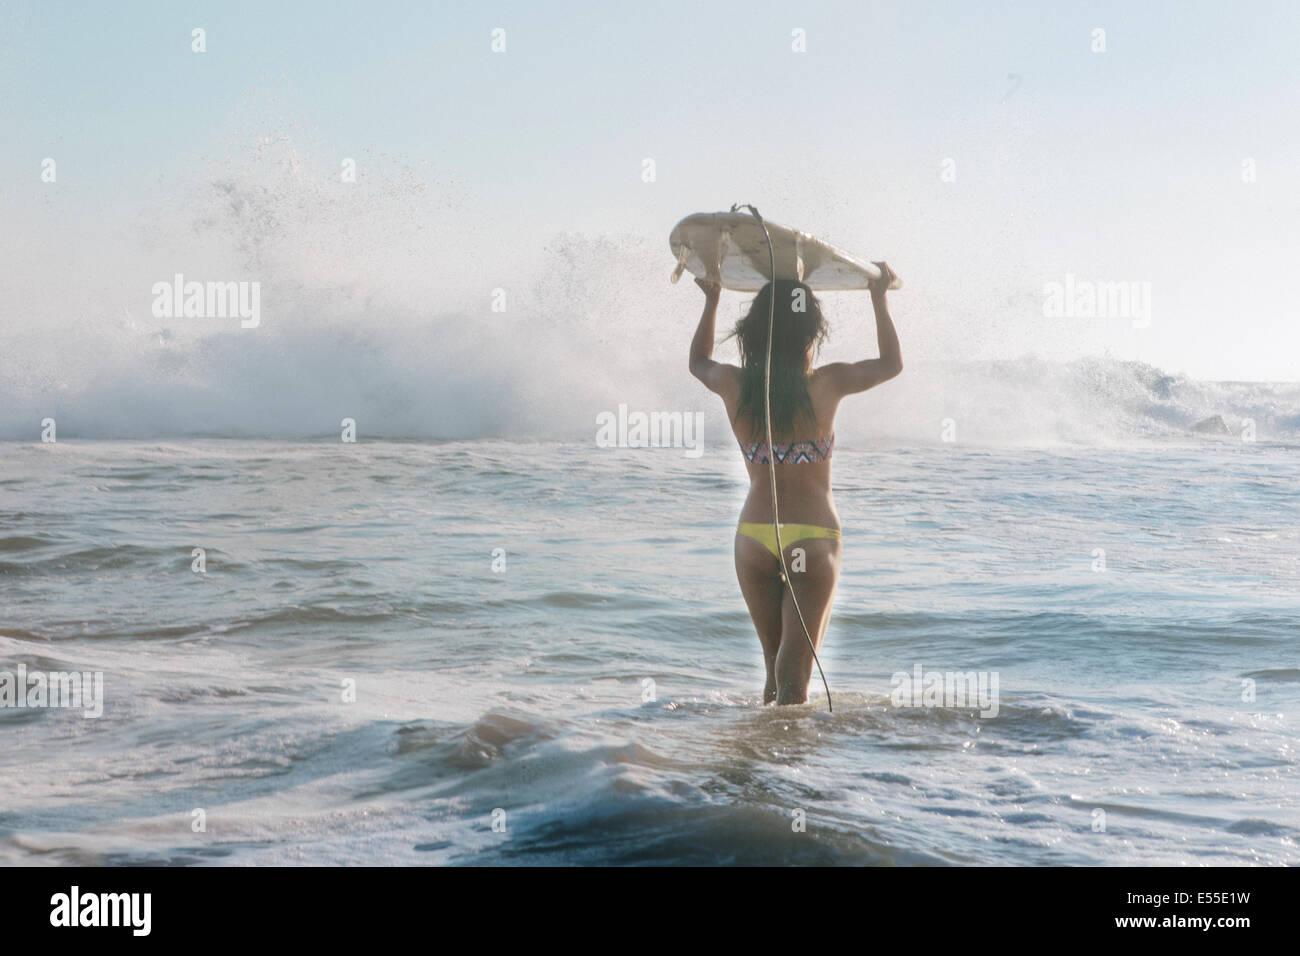 Mujer joven surfista llevar tablas de surf en la cabeza caminando hacia el romper de las olas Imagen De Stock